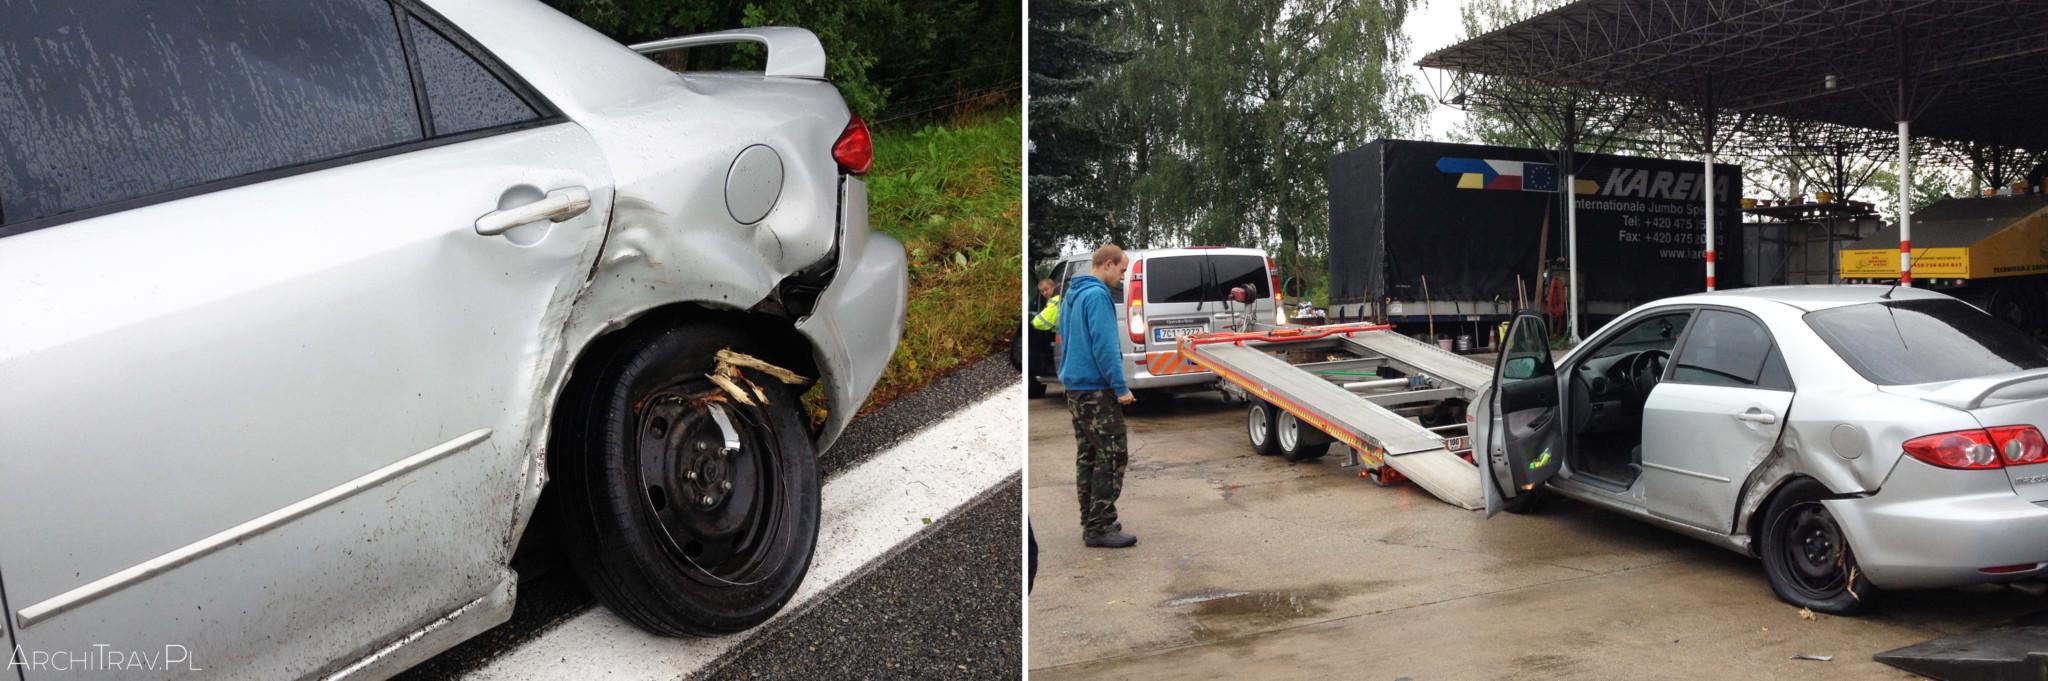 wypadek w Czechach